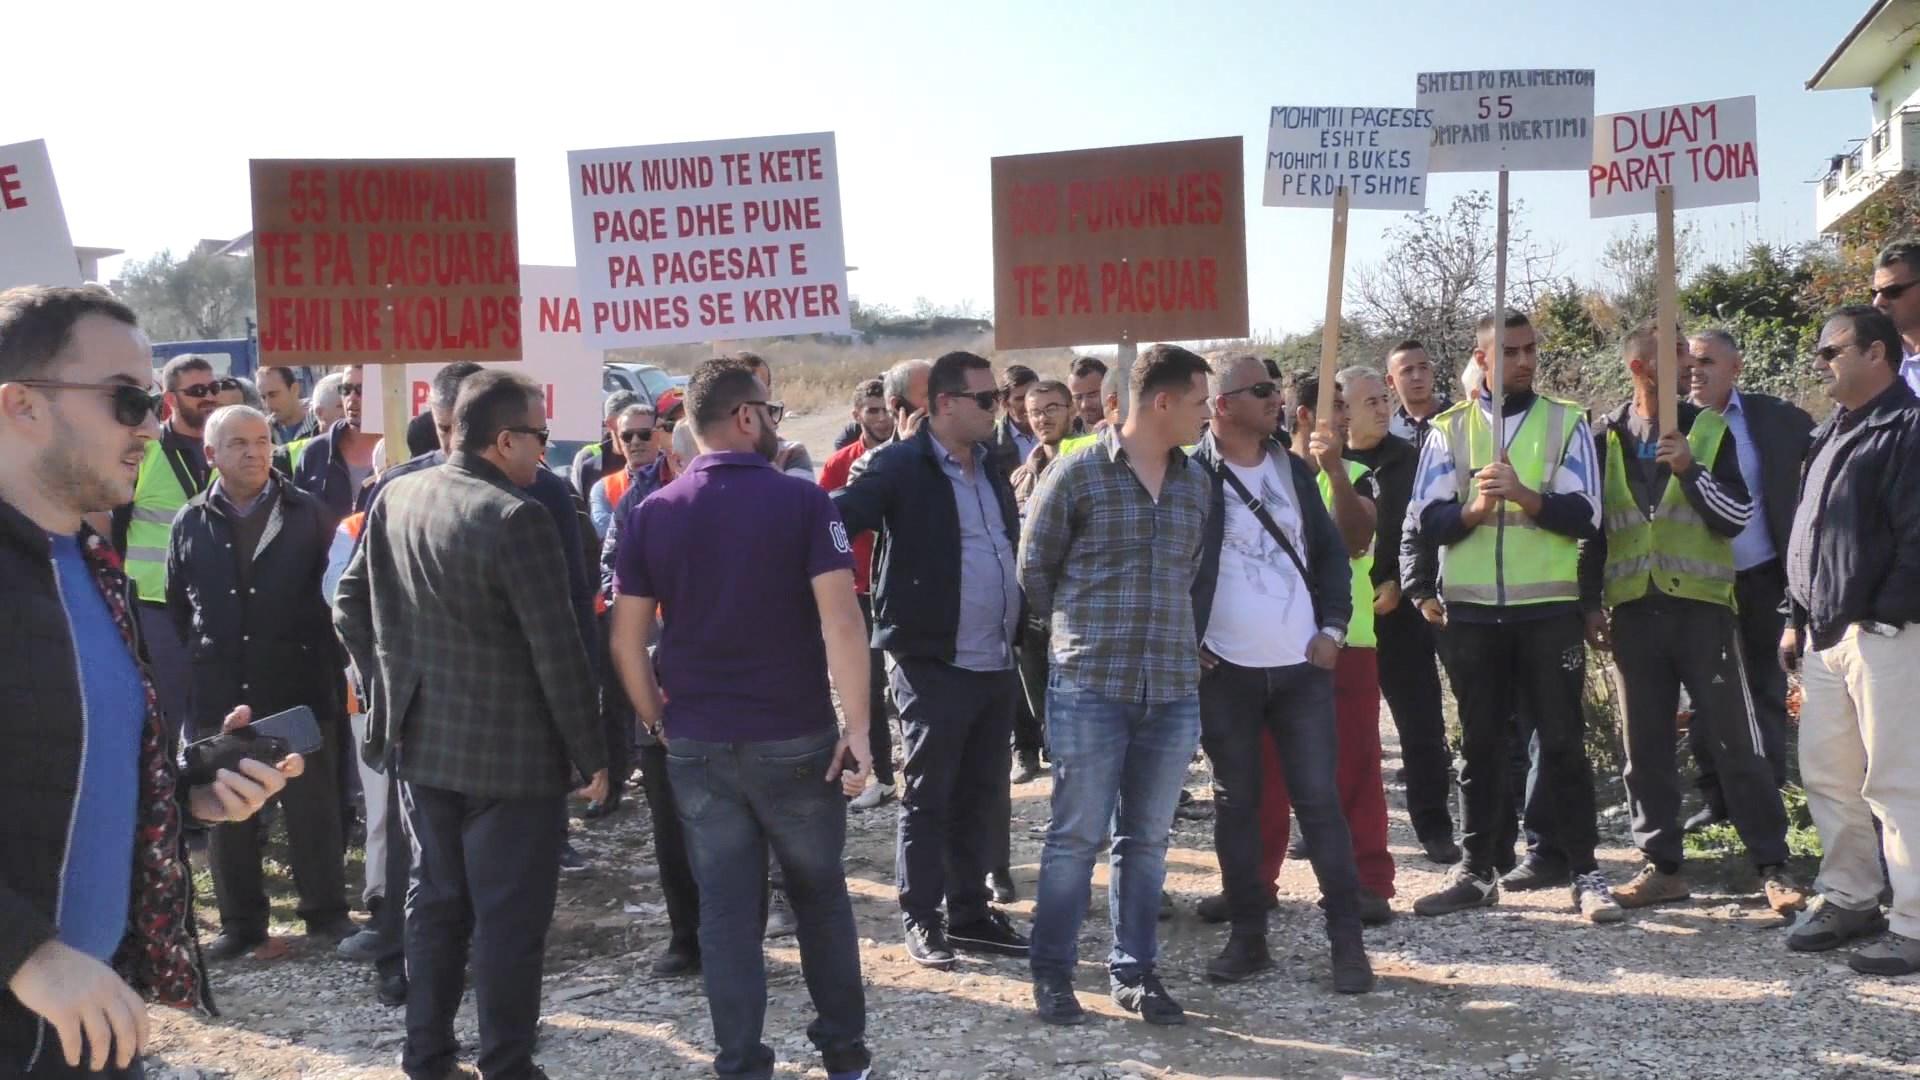 Fier, Banorët e Mbrostarit në protestë